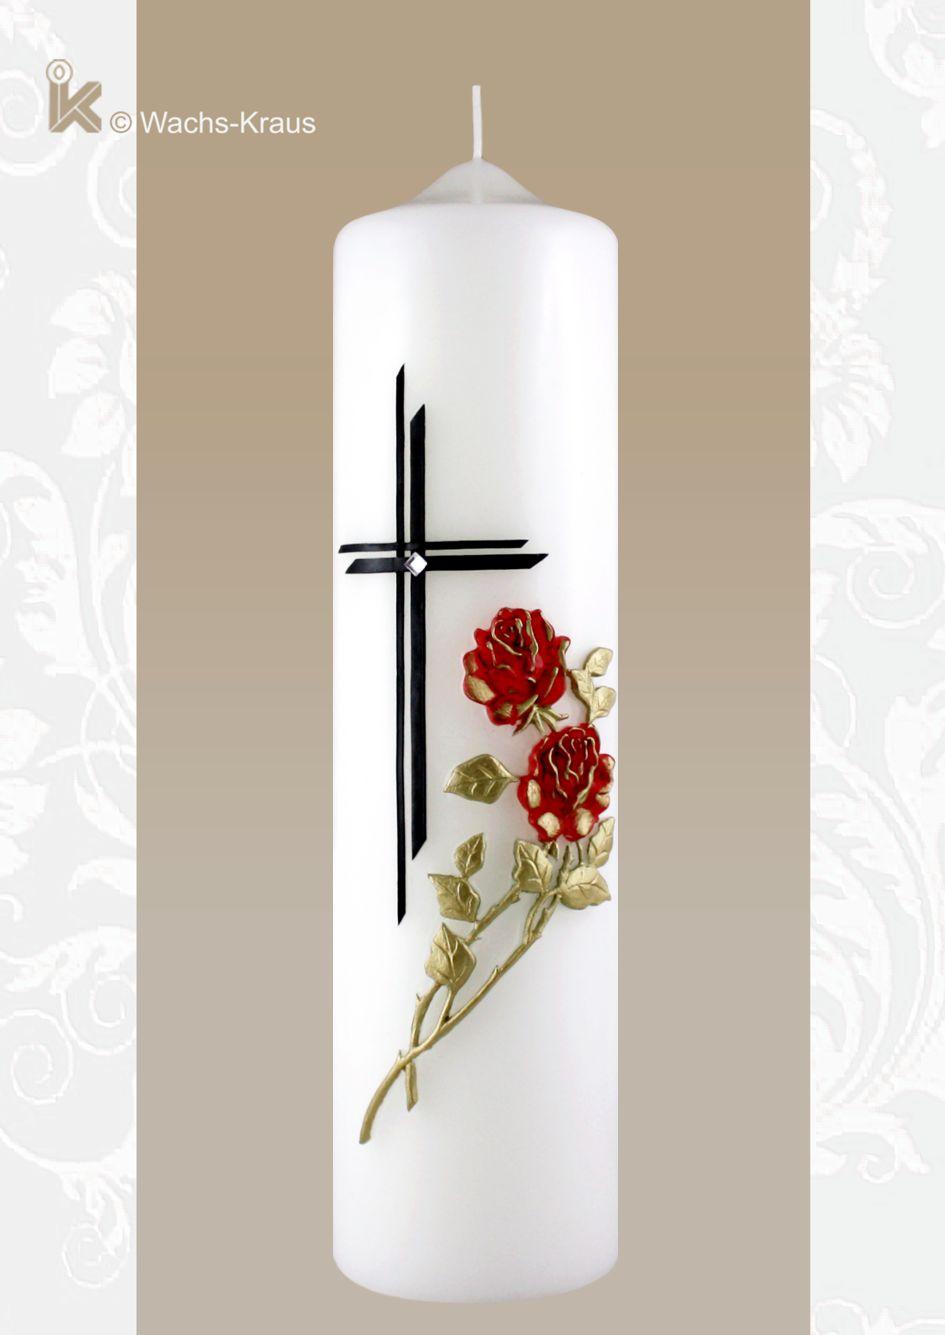 Trauerkerze rote Rose mit Kreuz. Im würdigen Gedenken